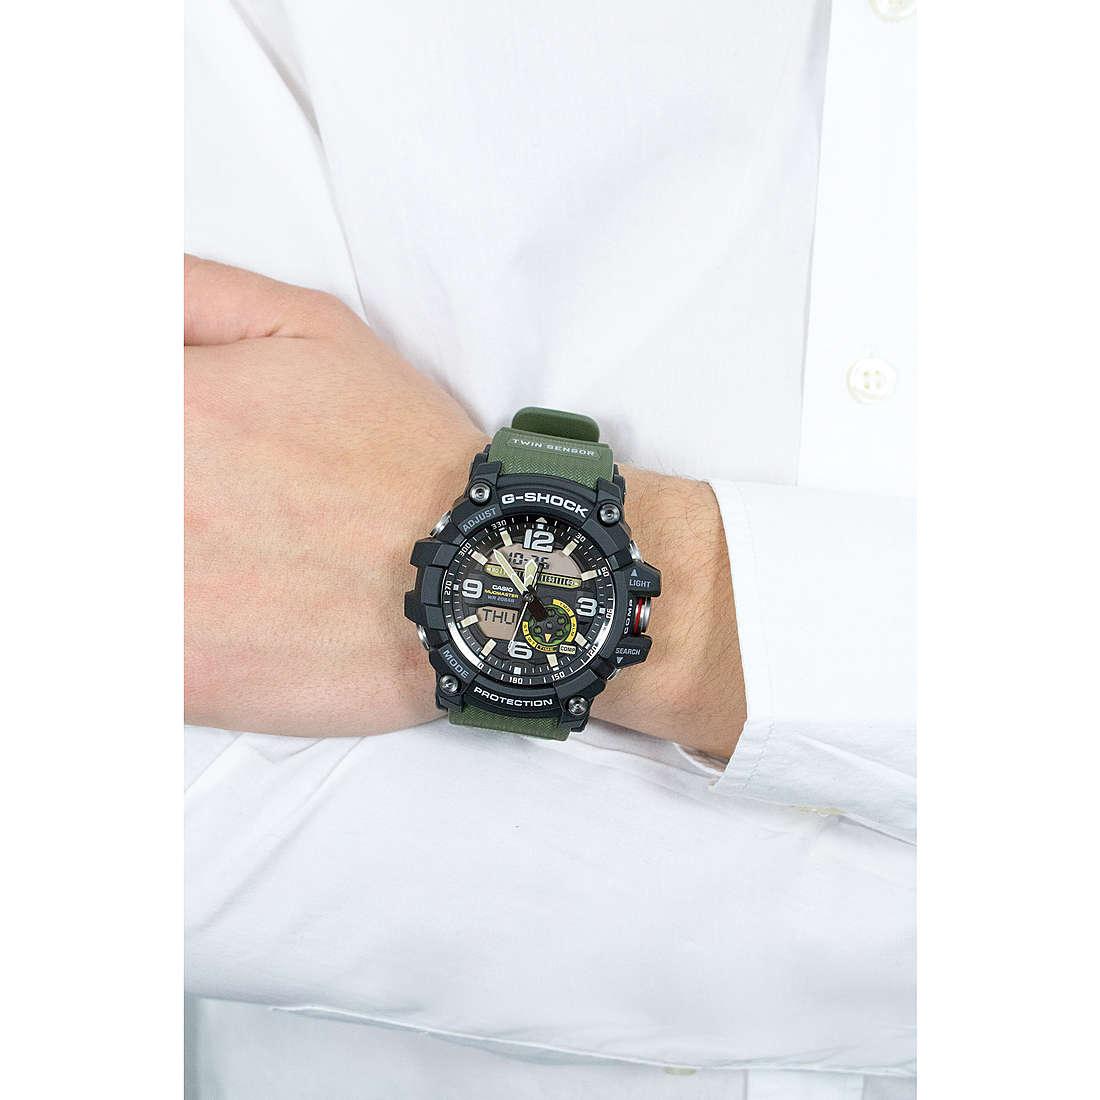 Casio digitali G-Shock uomo GG-1000-1A3ER indosso